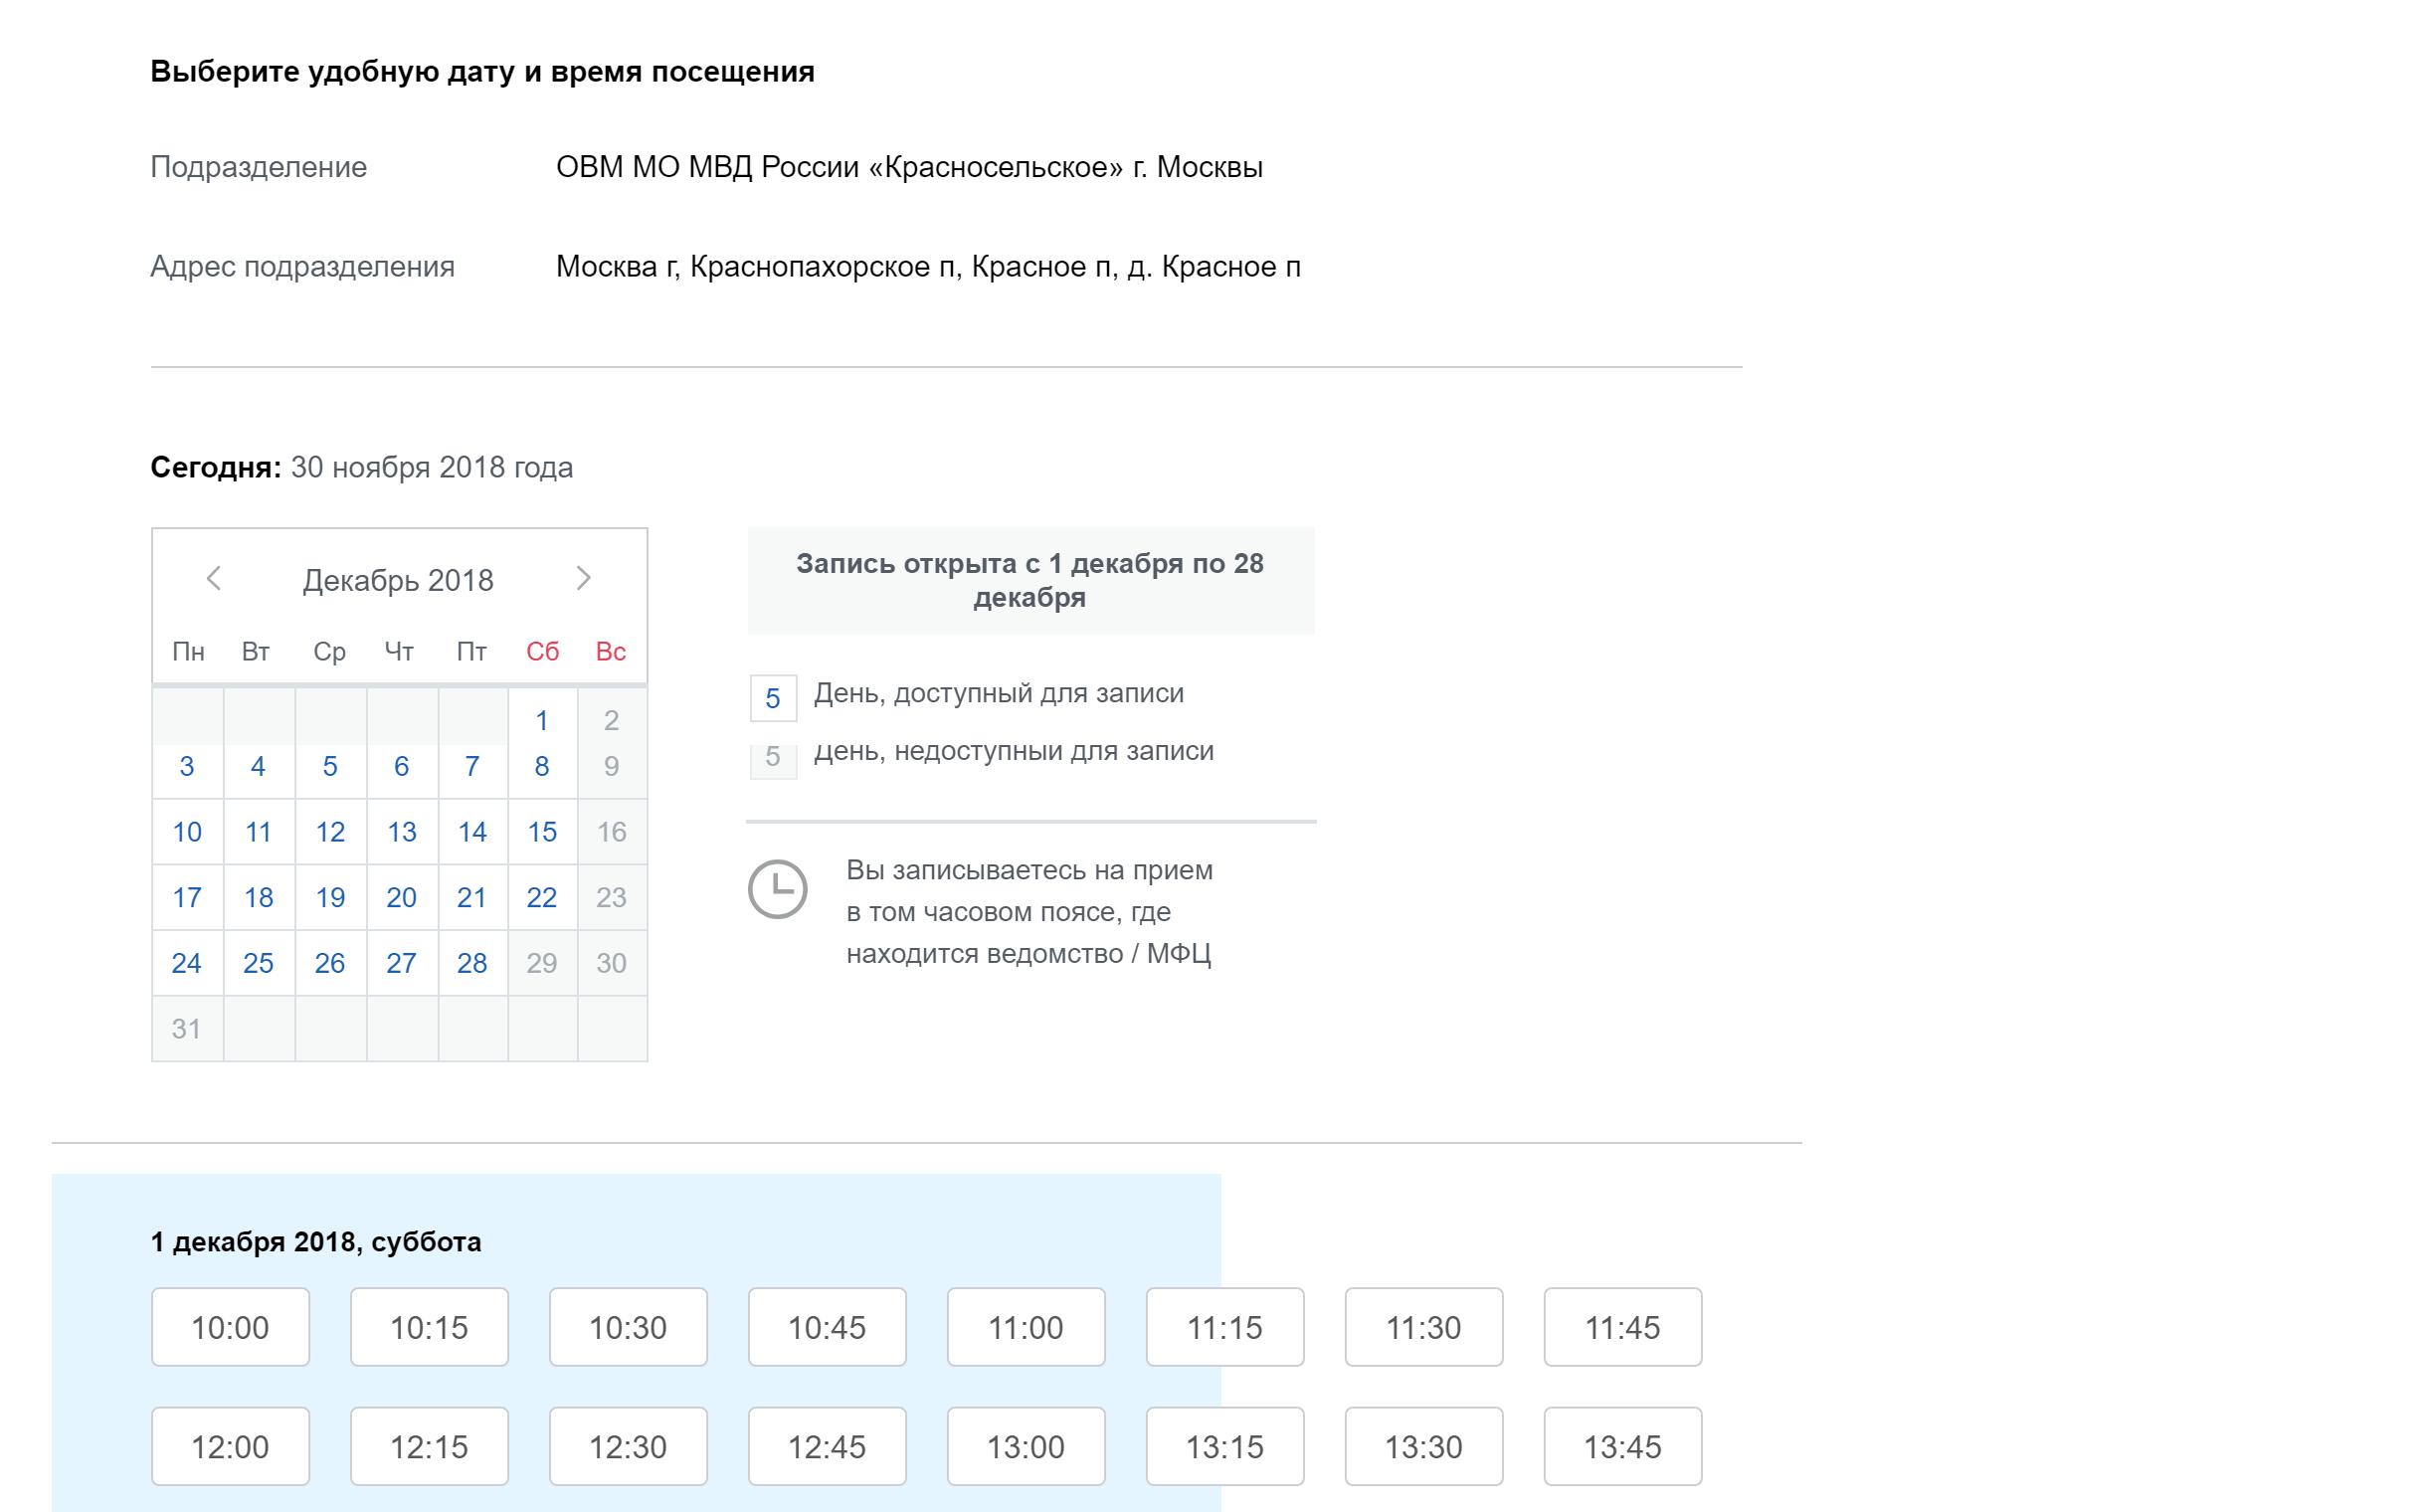 Система покажет свободные даты и время записи